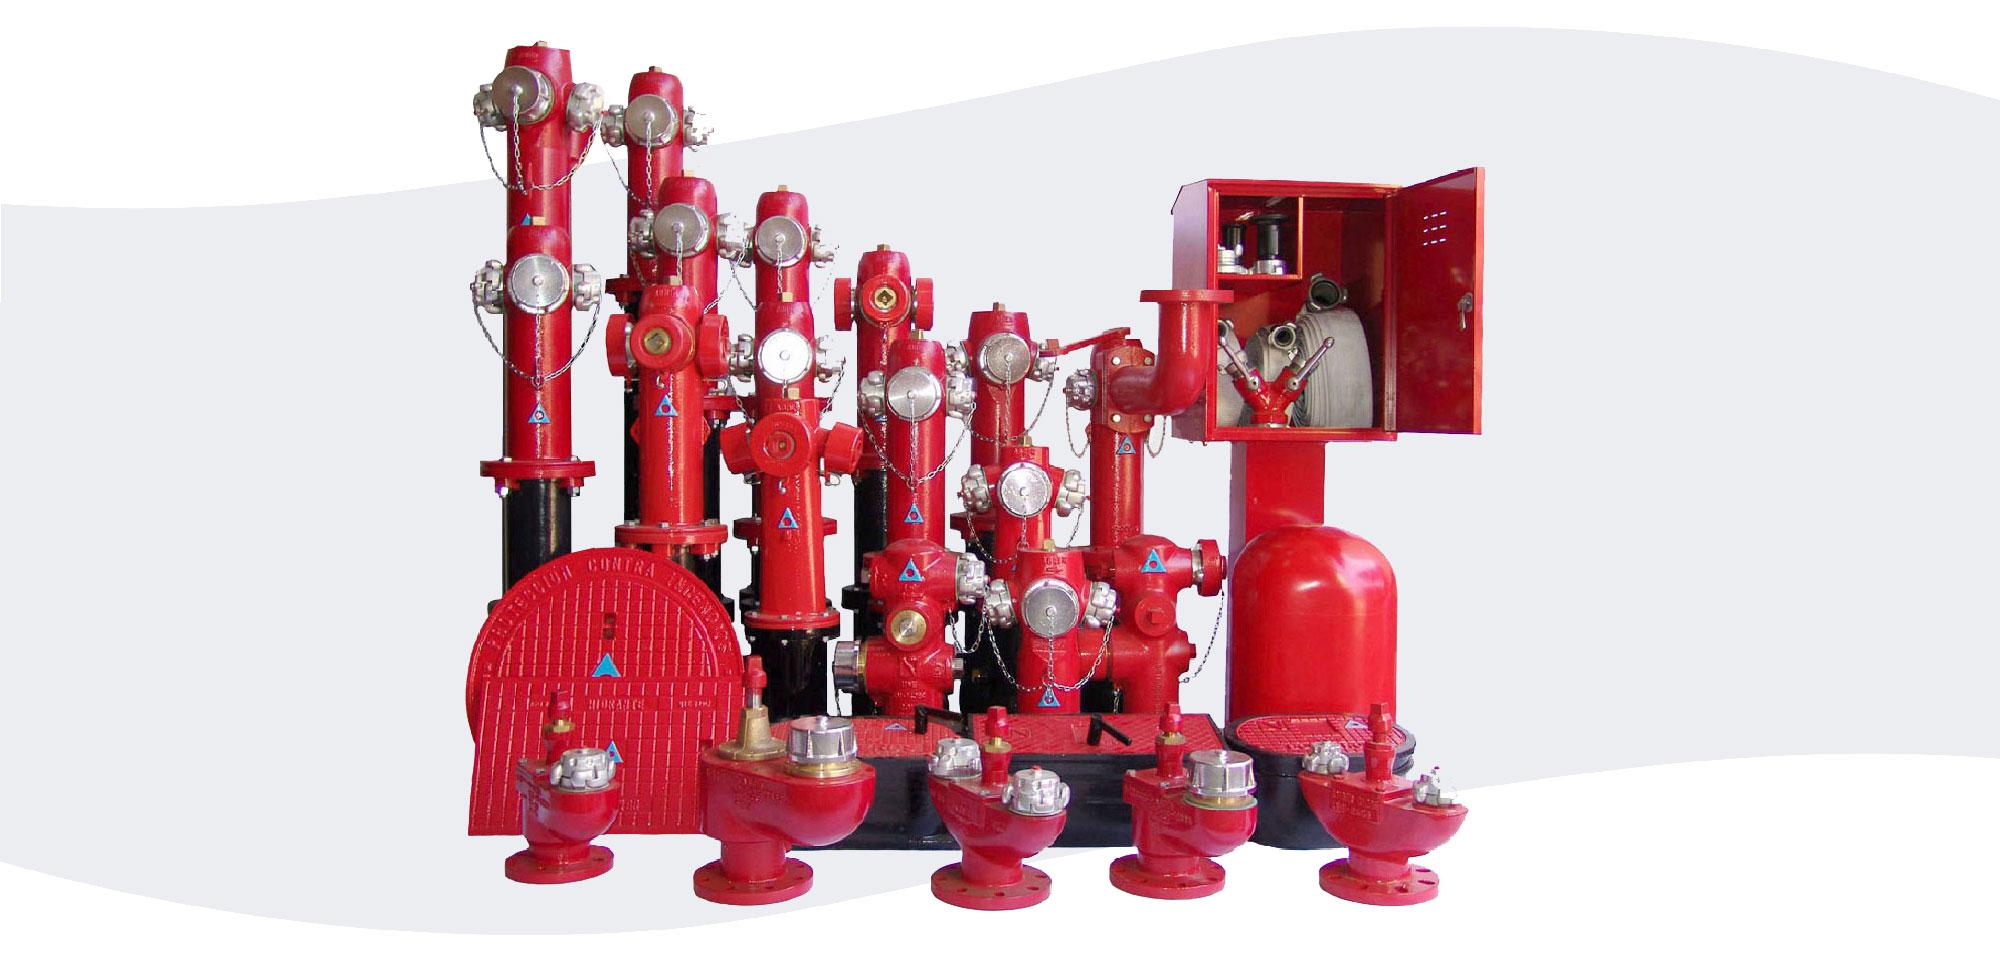 Hidrantes fabricados por ANBER